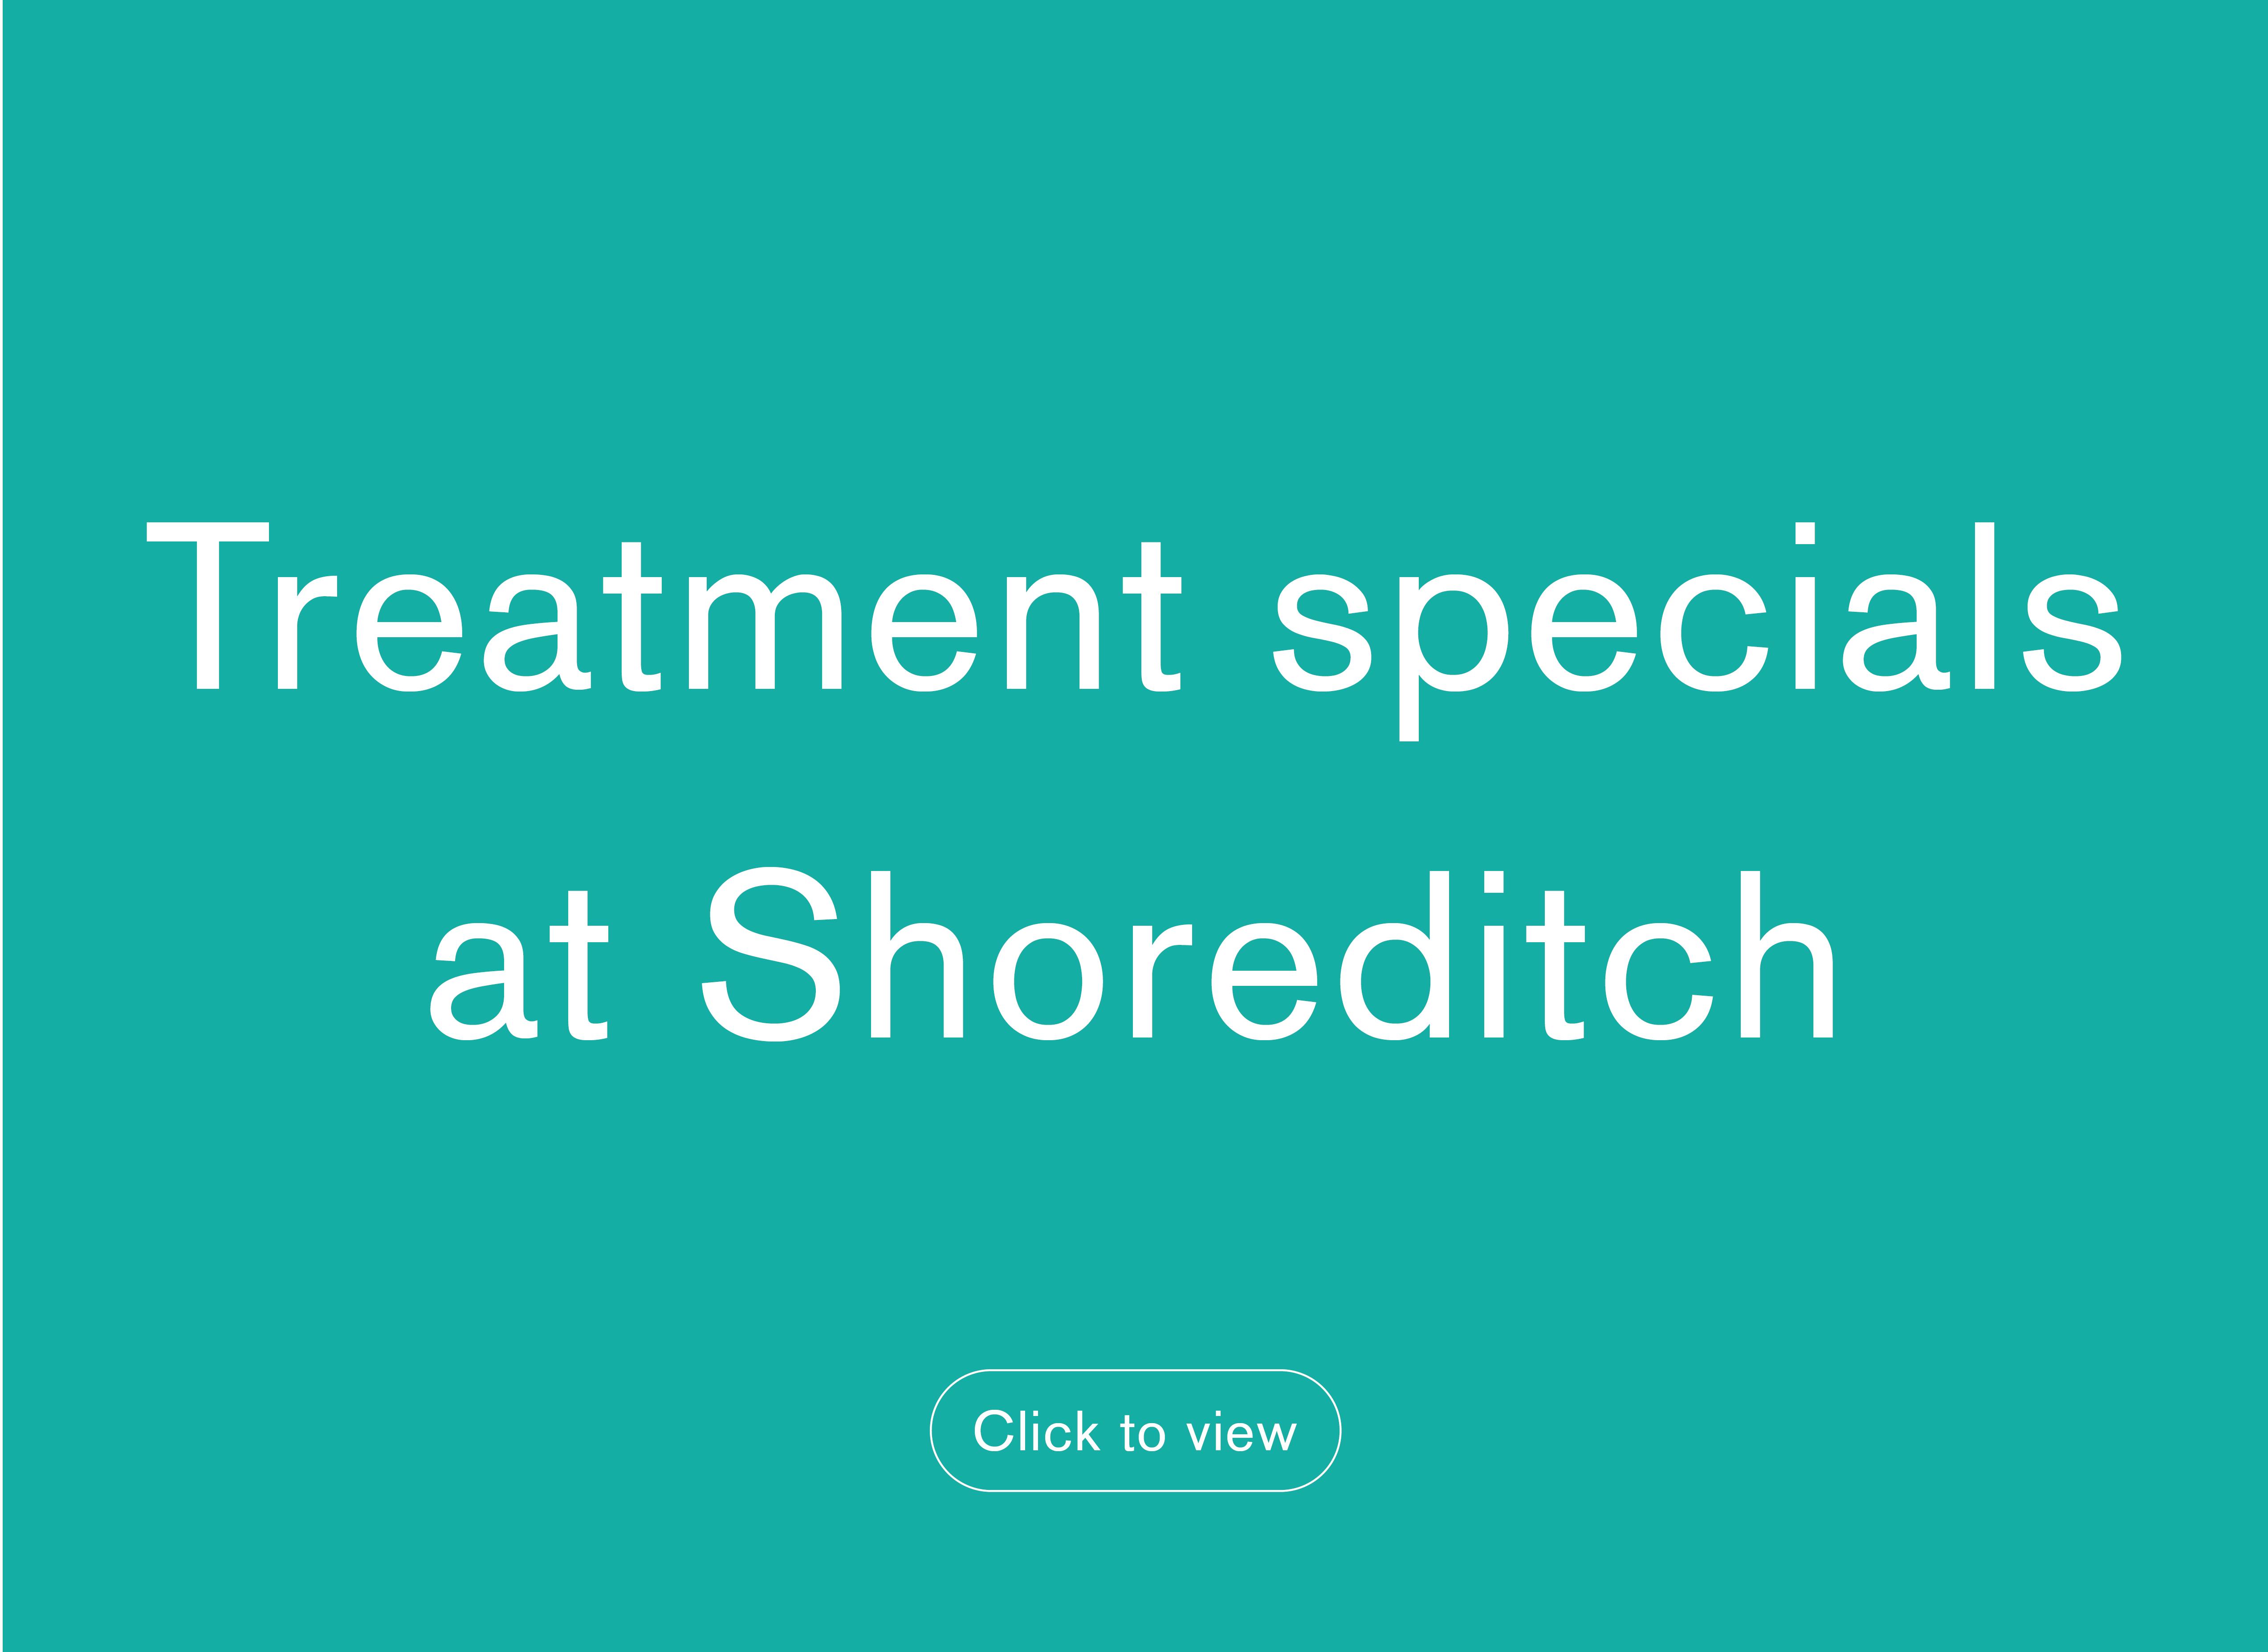 Treatment specials Shoreditch